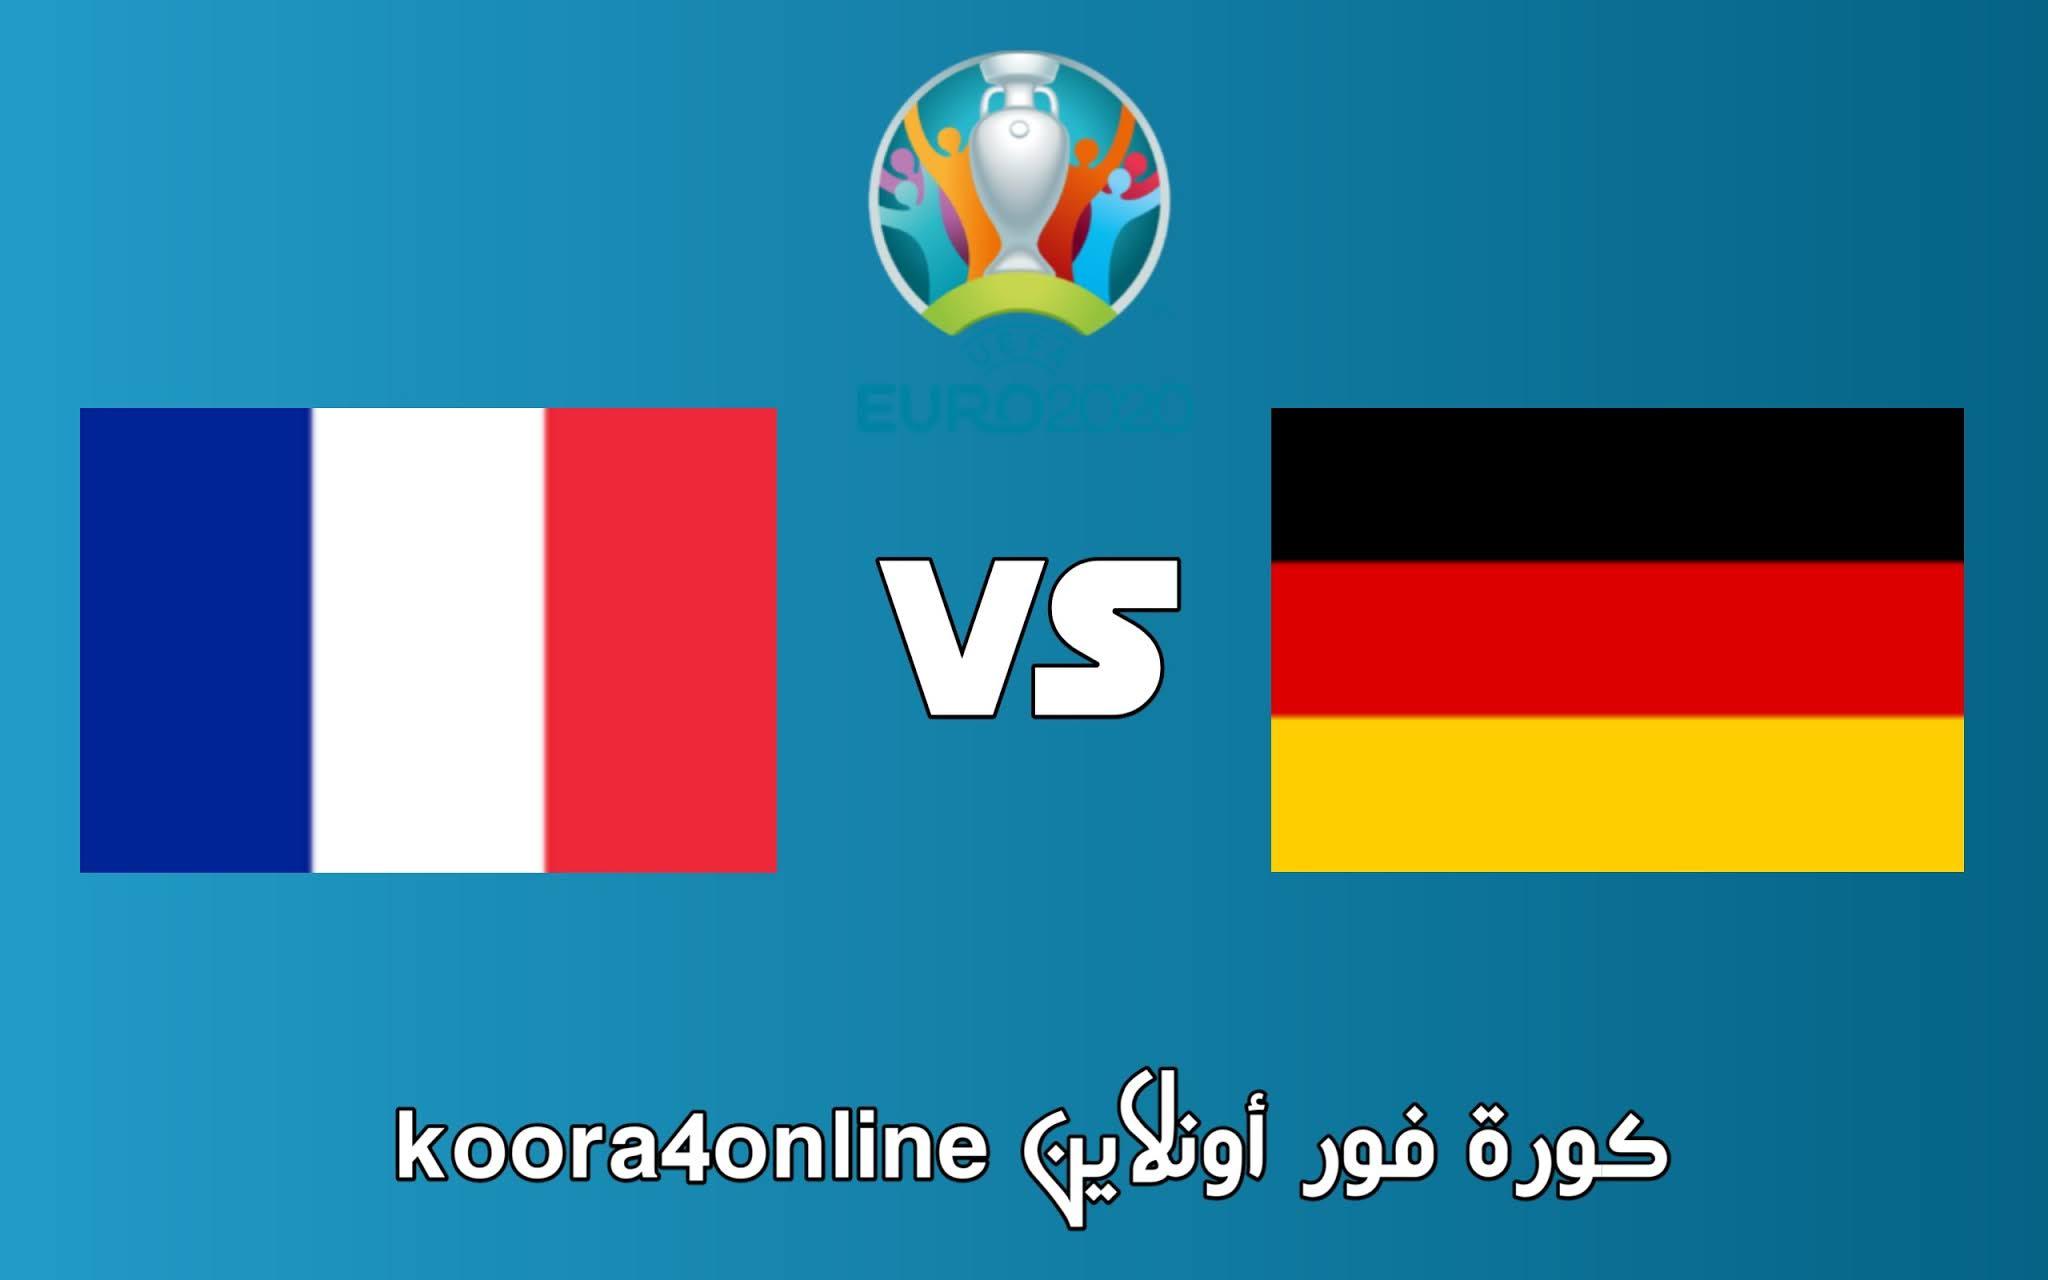 مشاهدة بث مباشر لمباراة المانيا و فرنسا 15-06-2021 كأس أوروبا 2021